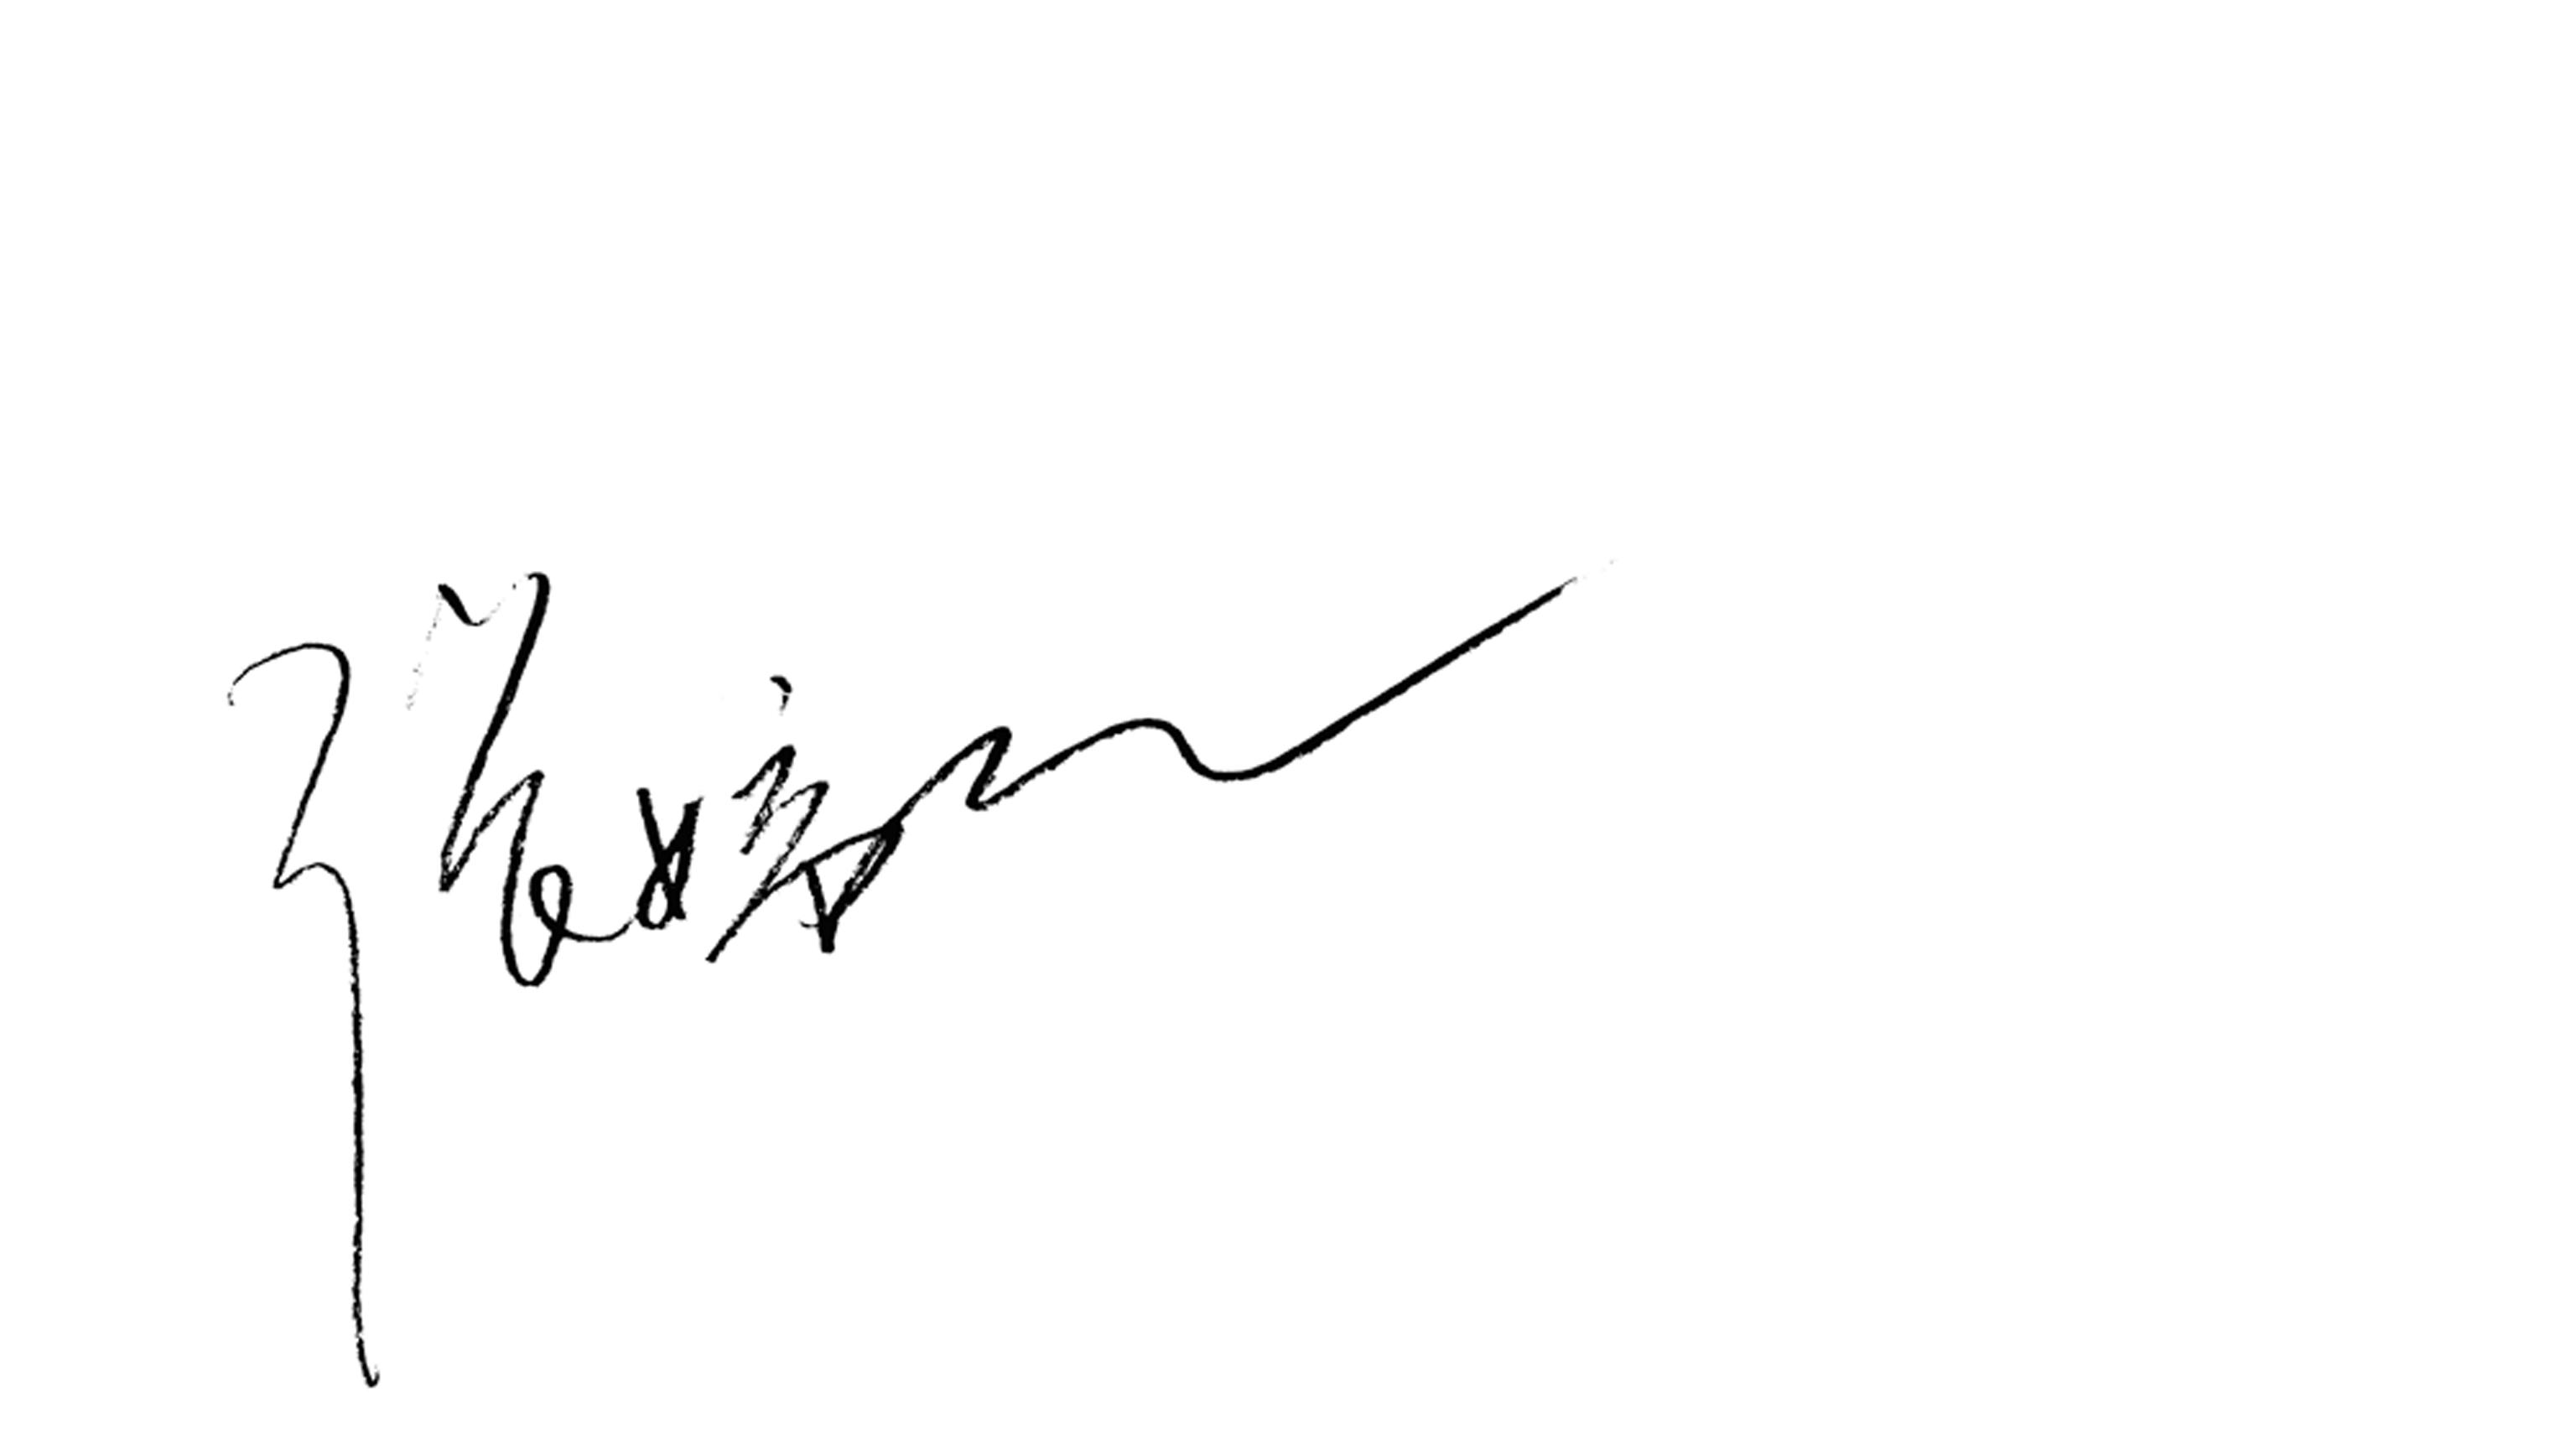 tingting zhang's Signature